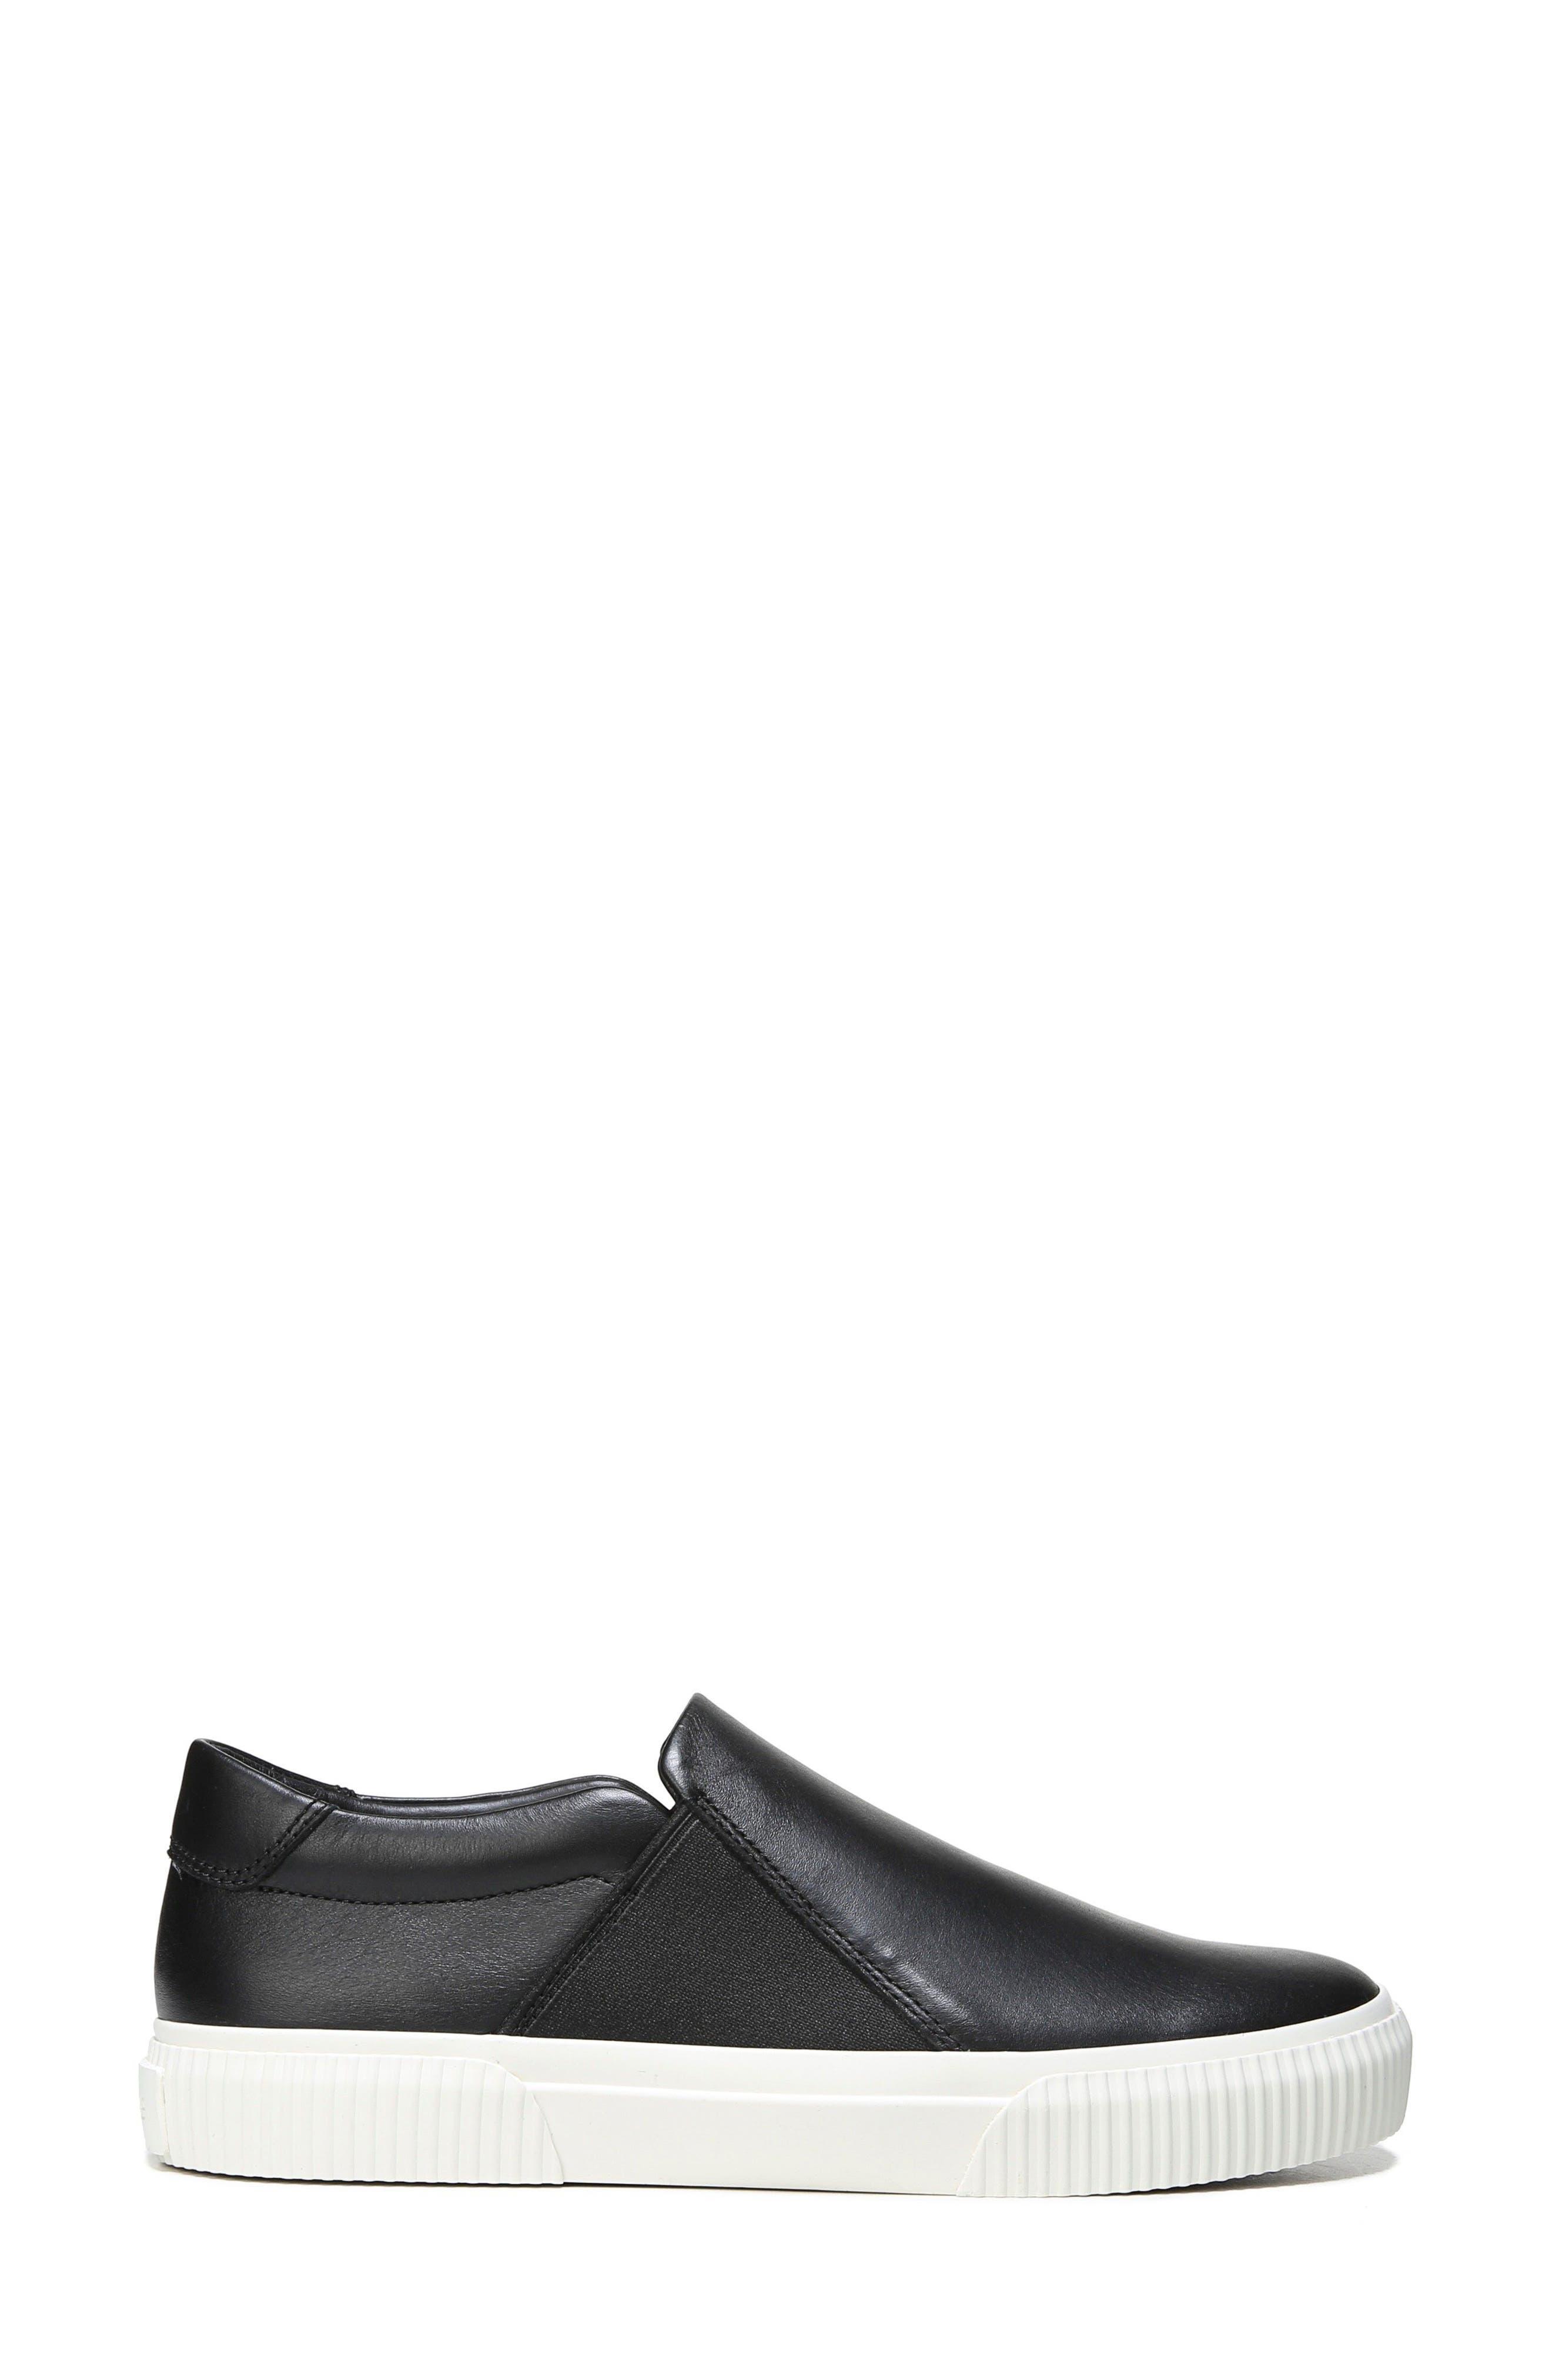 Knox Slip-On Sneaker,                             Alternate thumbnail 4, color,                             001